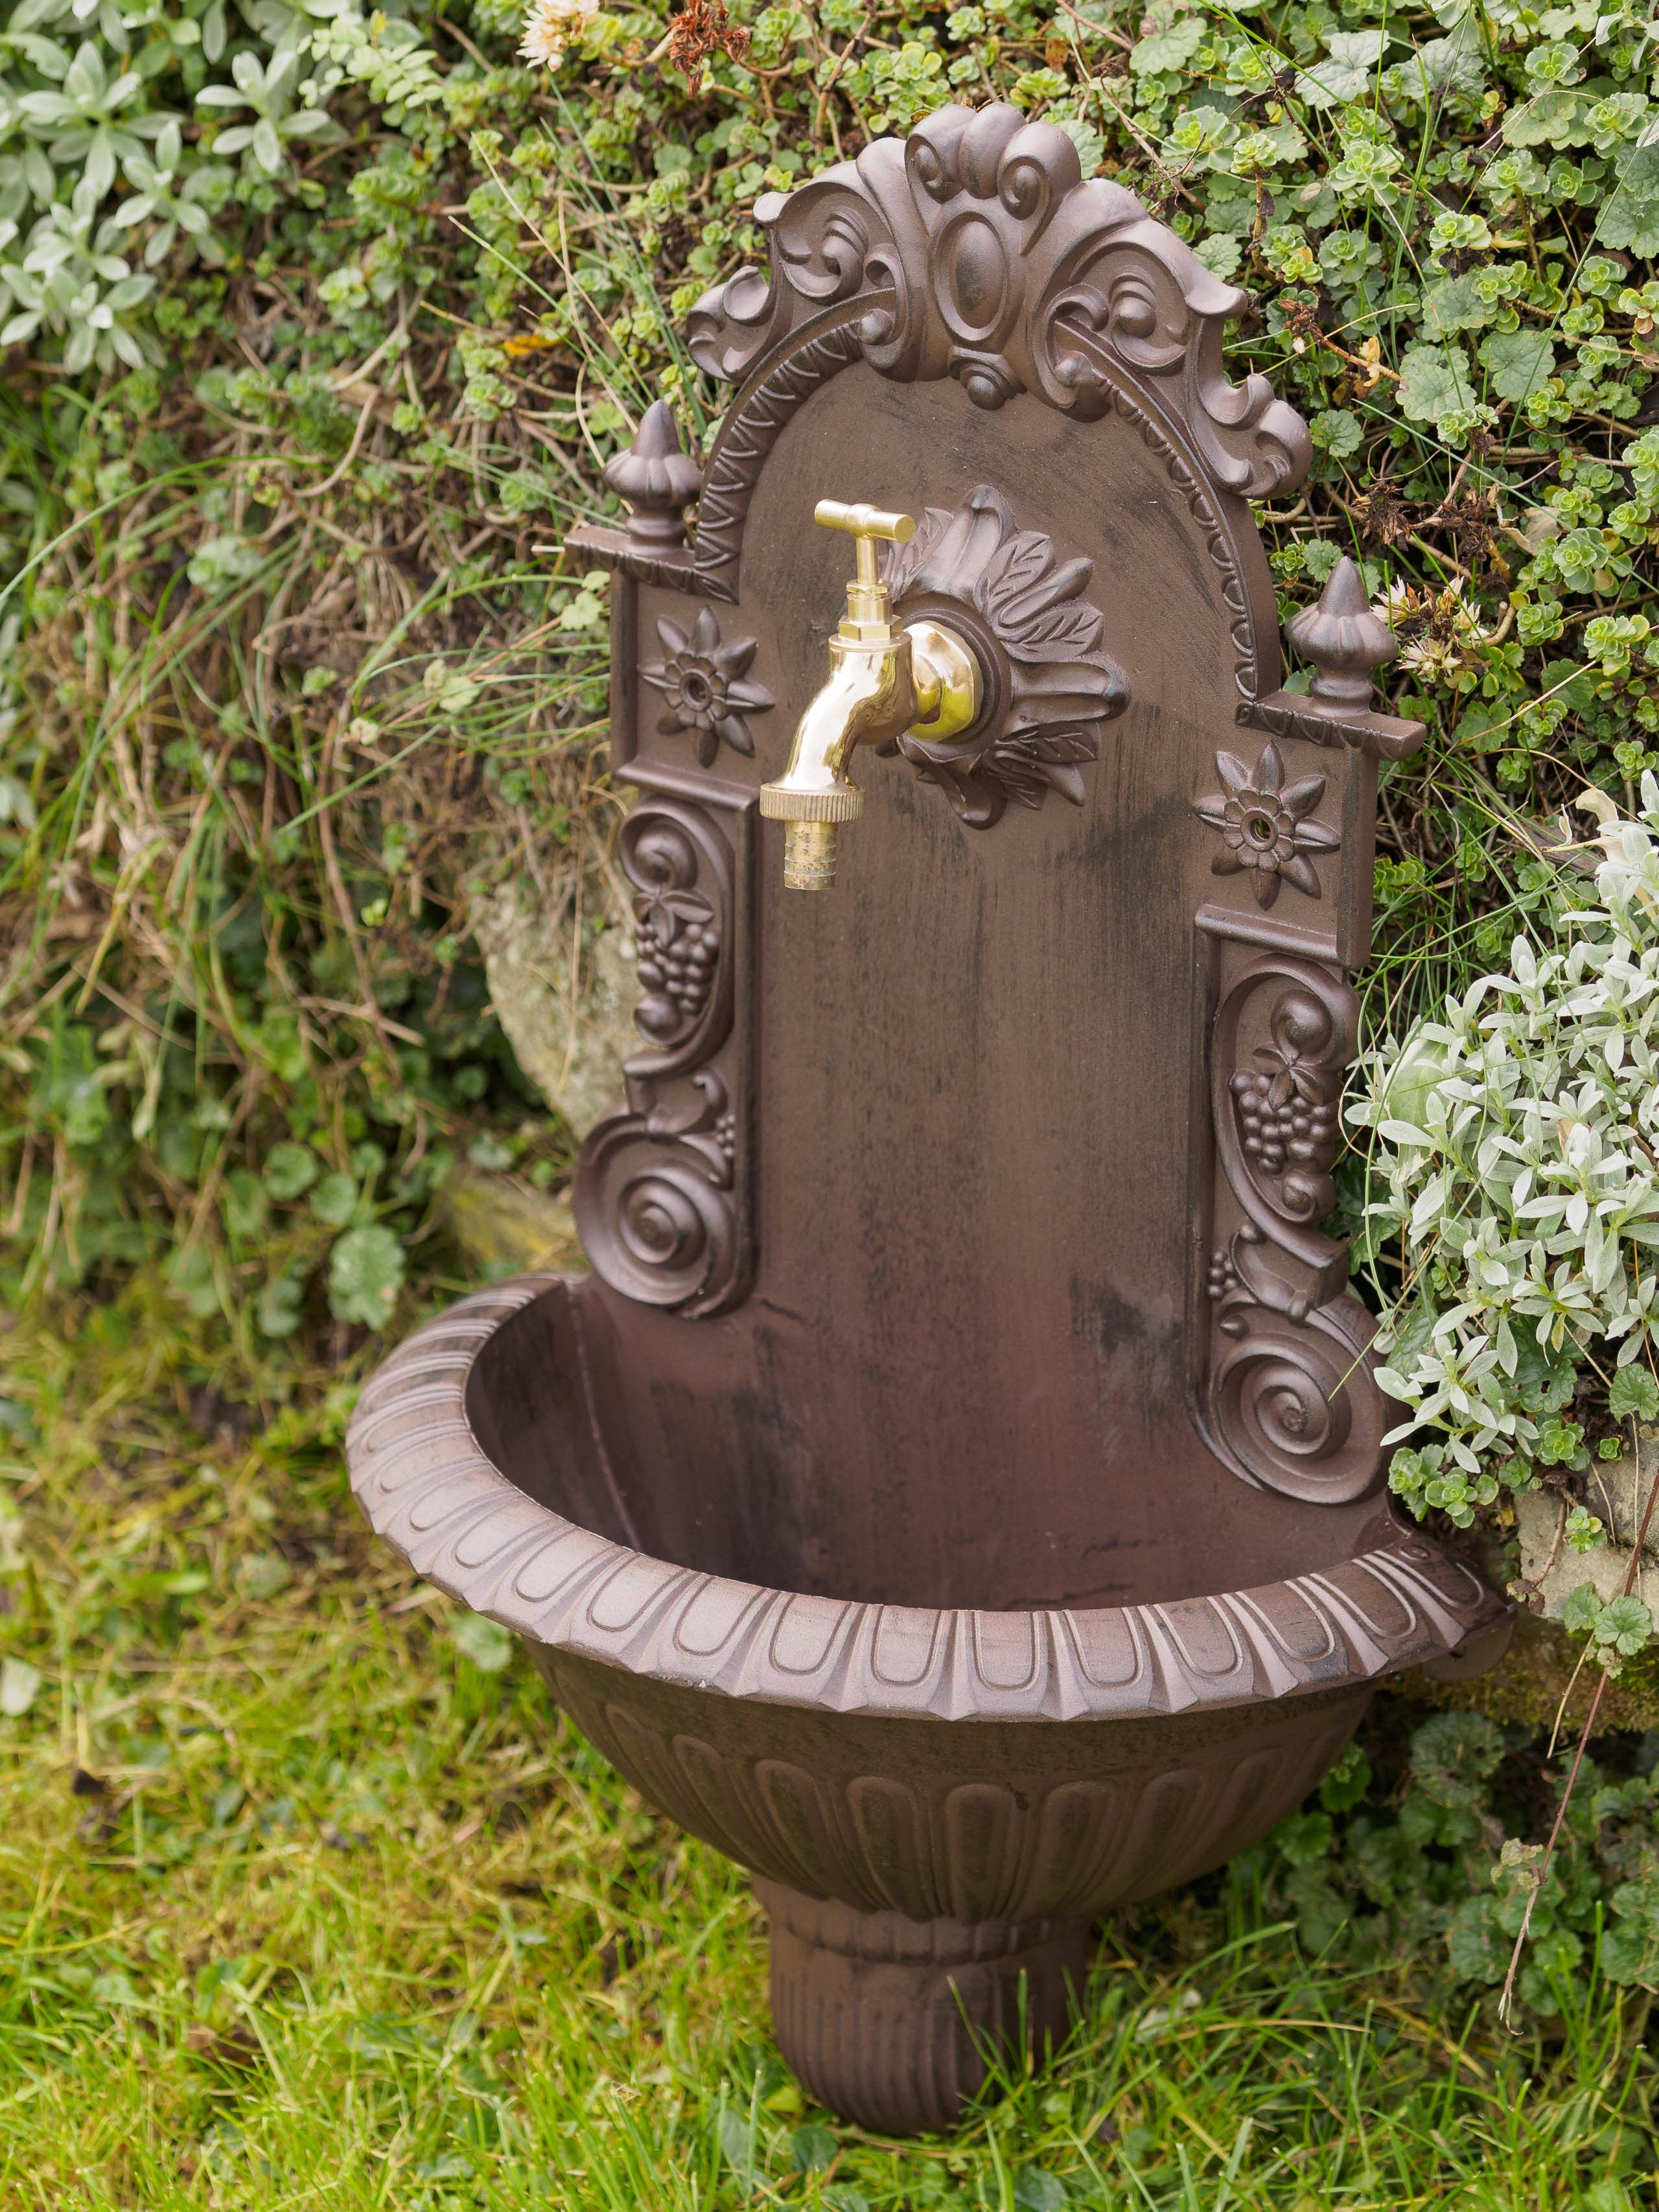 Waschbecken Wein Wandbrunnen Garten Aluminium Becken Antik Stil Wandbrunnen Gartenwaschbecken Kleiner Hinterhof Design